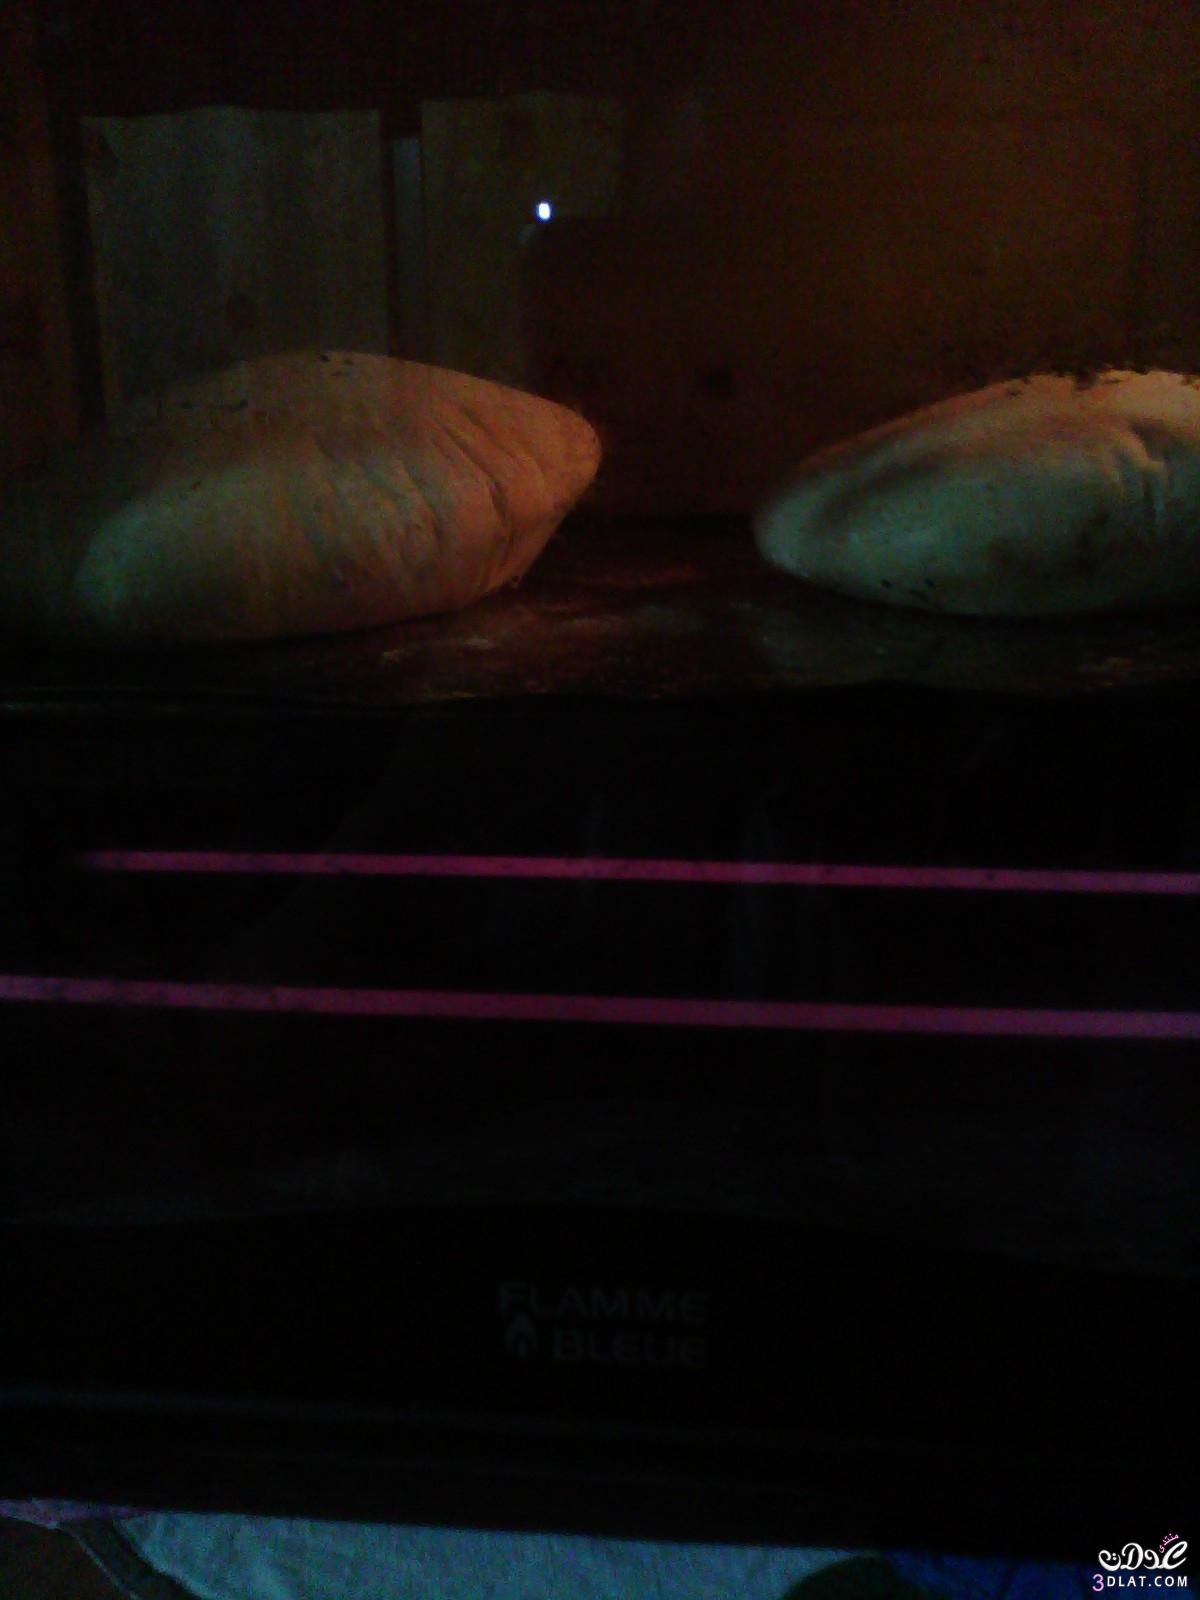 مطبخي] مطبخي الخبز العربي 3dlat.com_1398970120